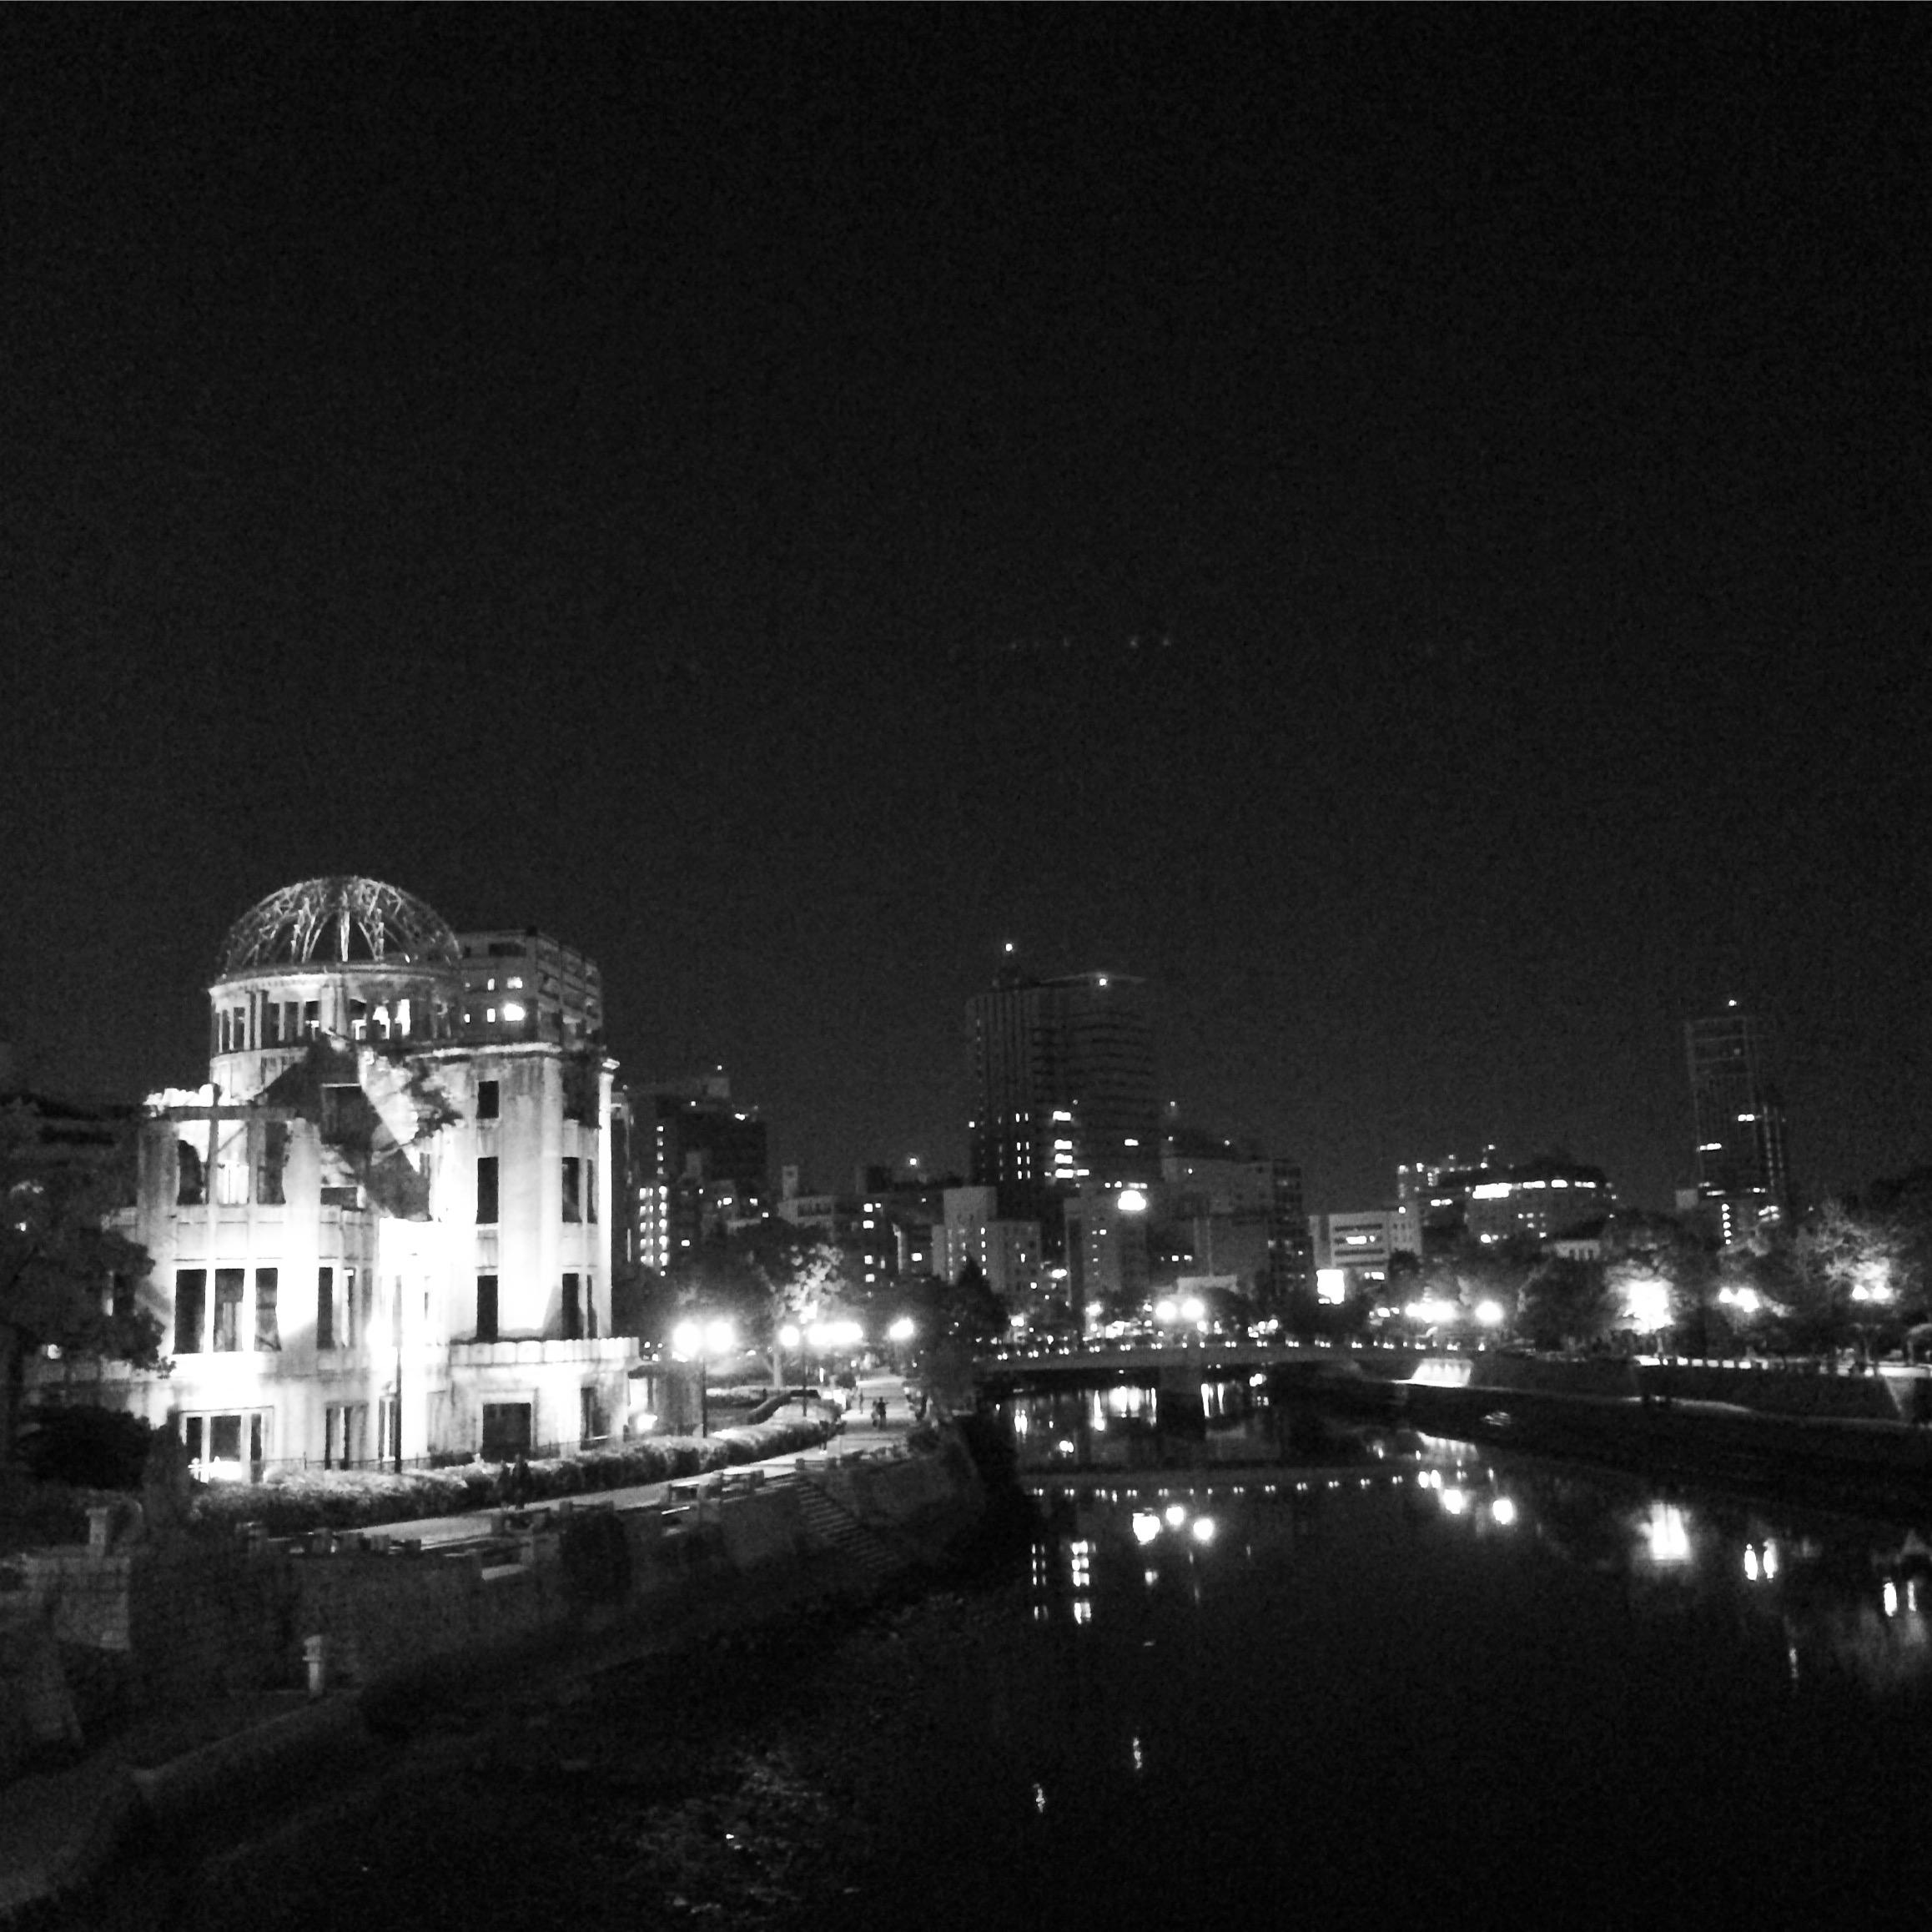 Dome at night, Hiroshima